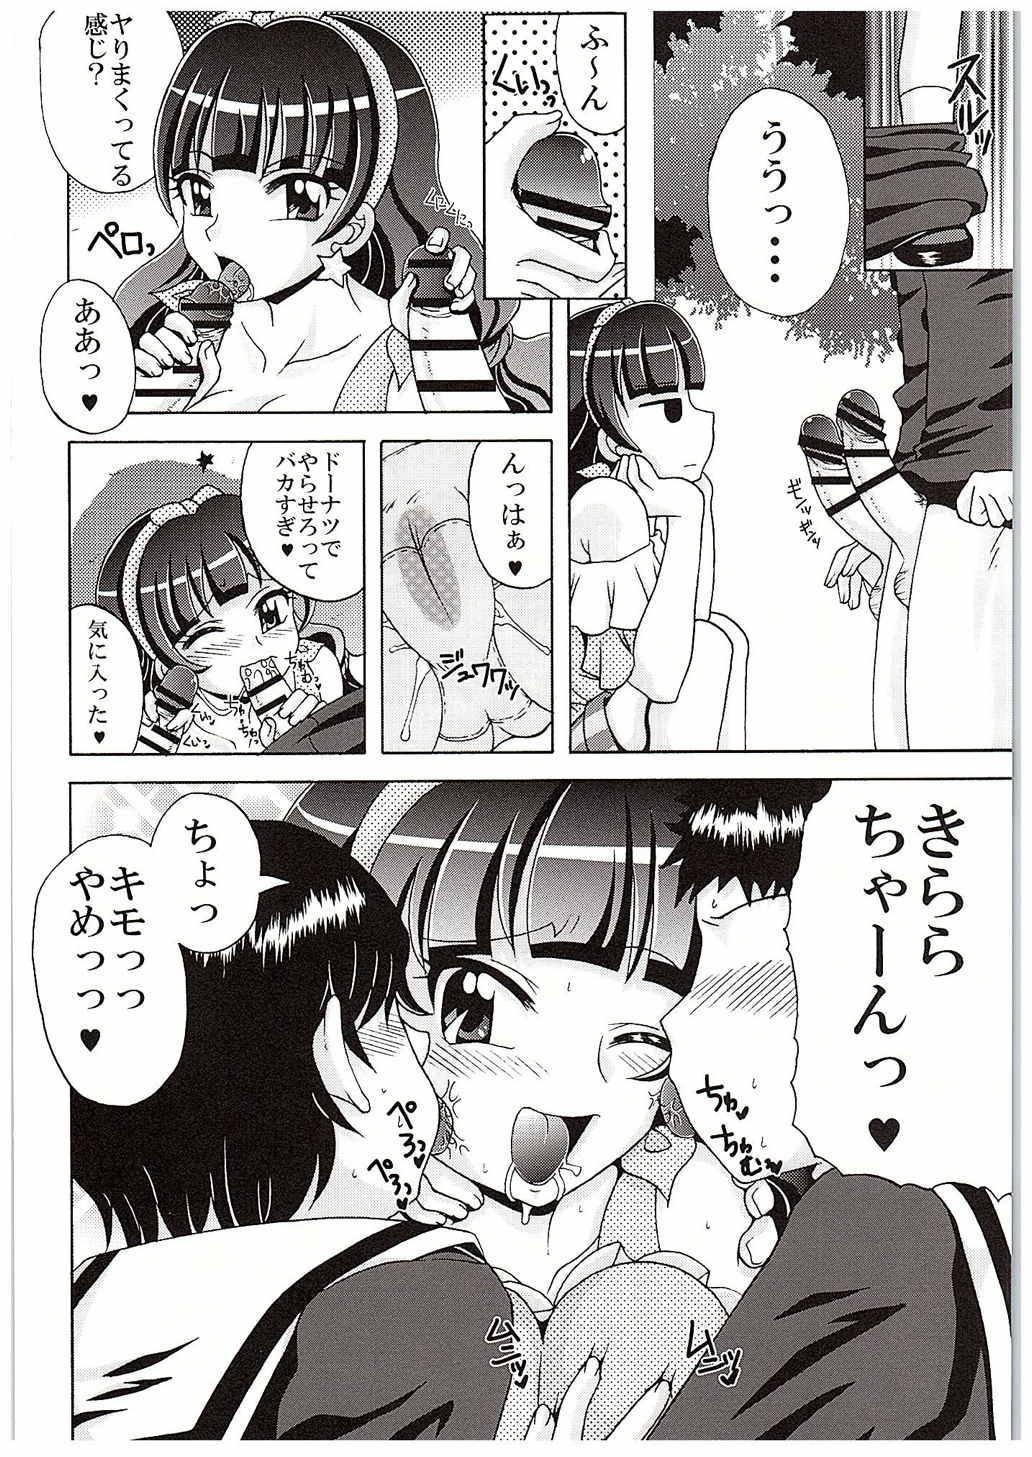 Kirara no Yokkyuu Fuman Kaishouhou 4